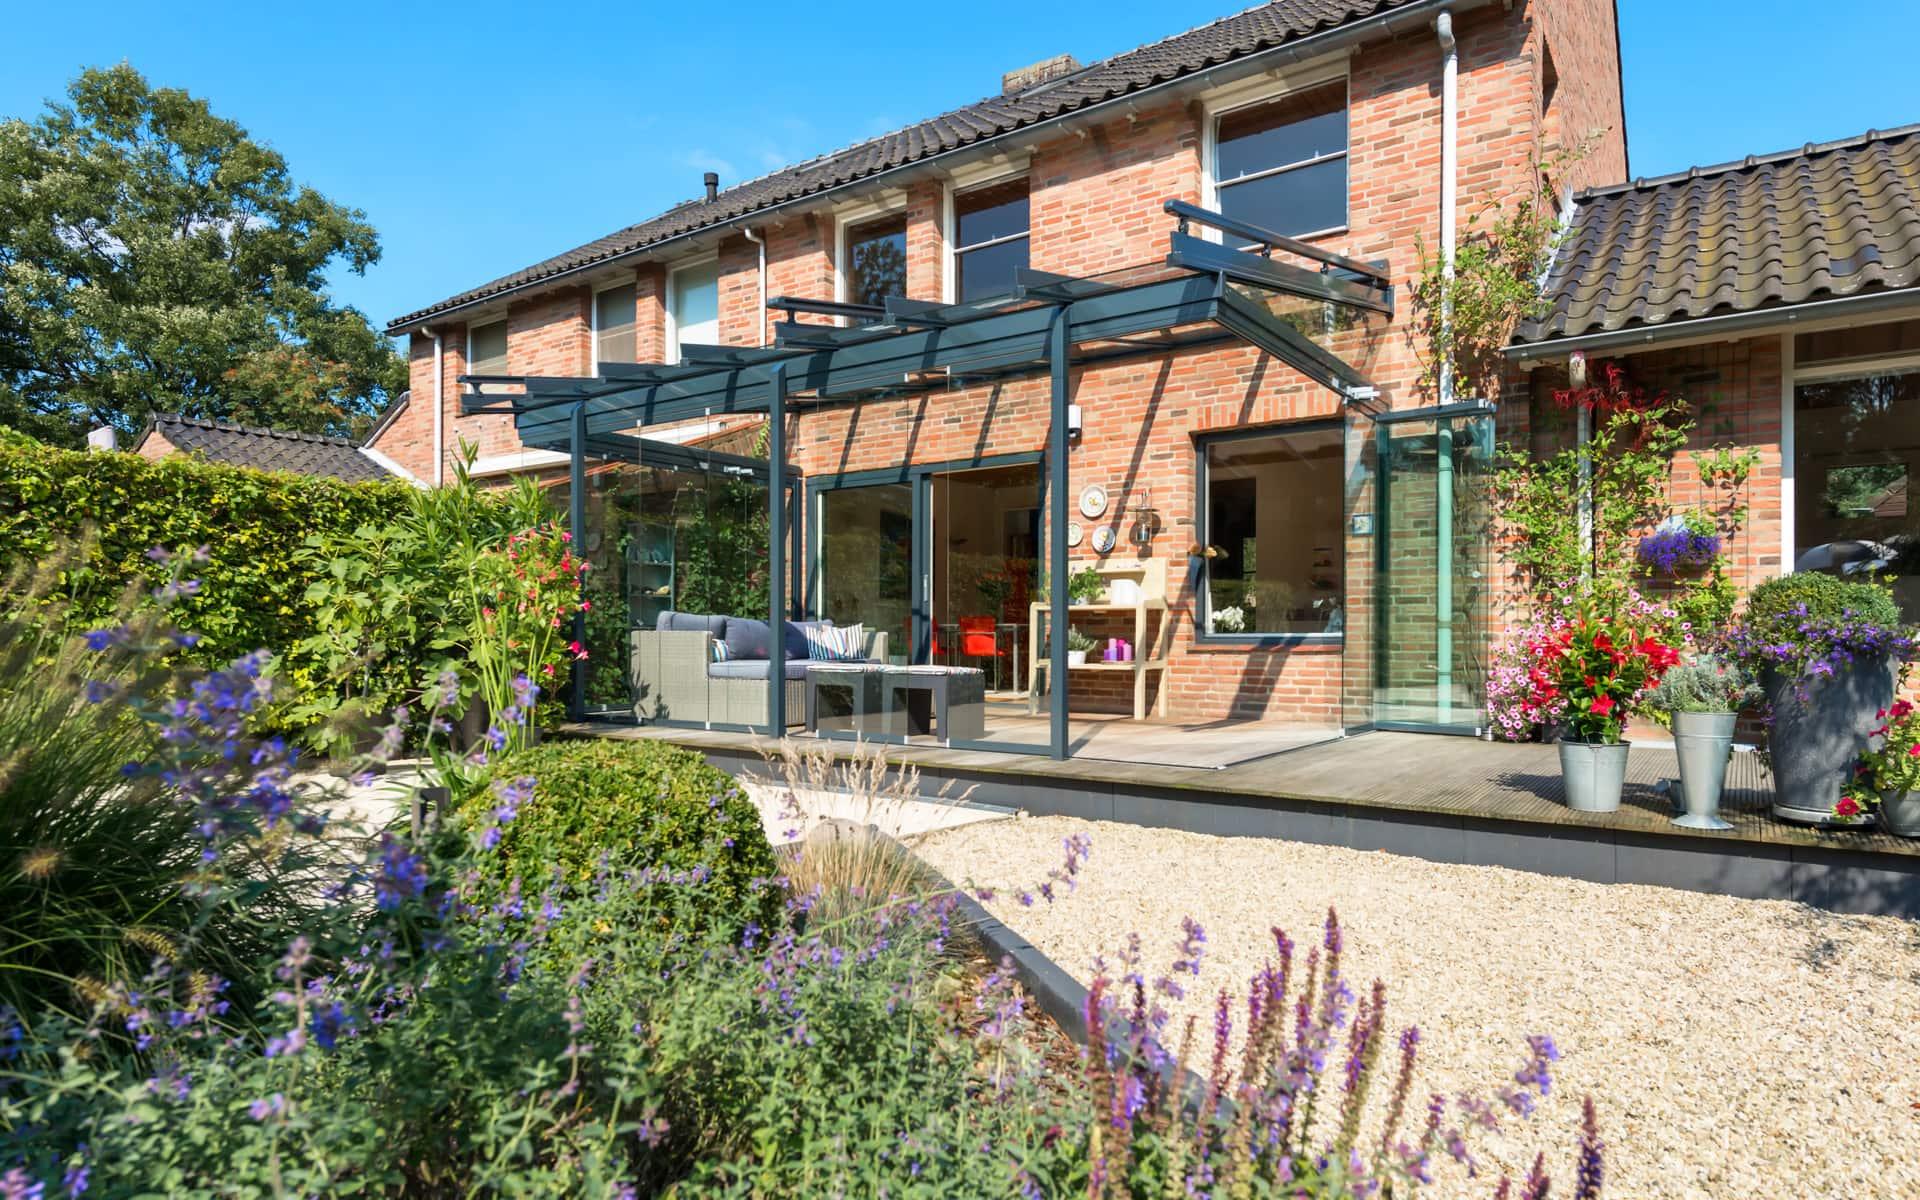 Terrassenüberdachung für mehr Gemütlichkeit im Garten